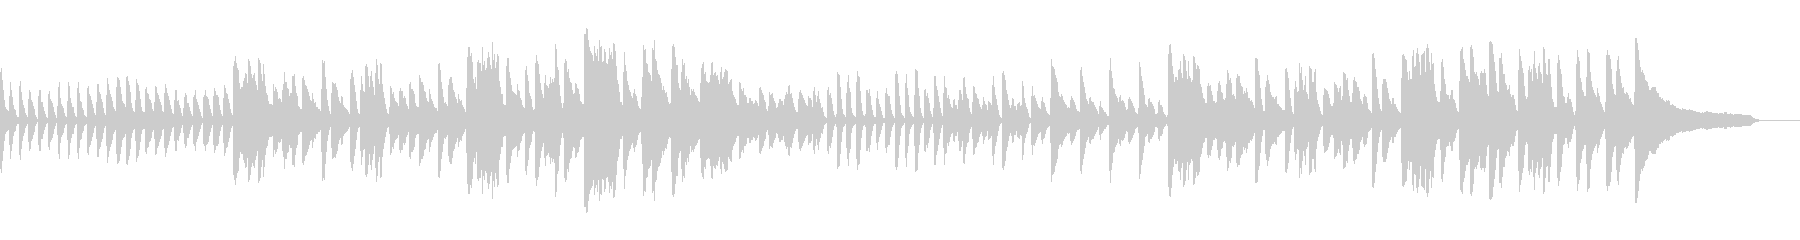 スタイリッシュであたたかい空間なピアノ曲の未再生の波形